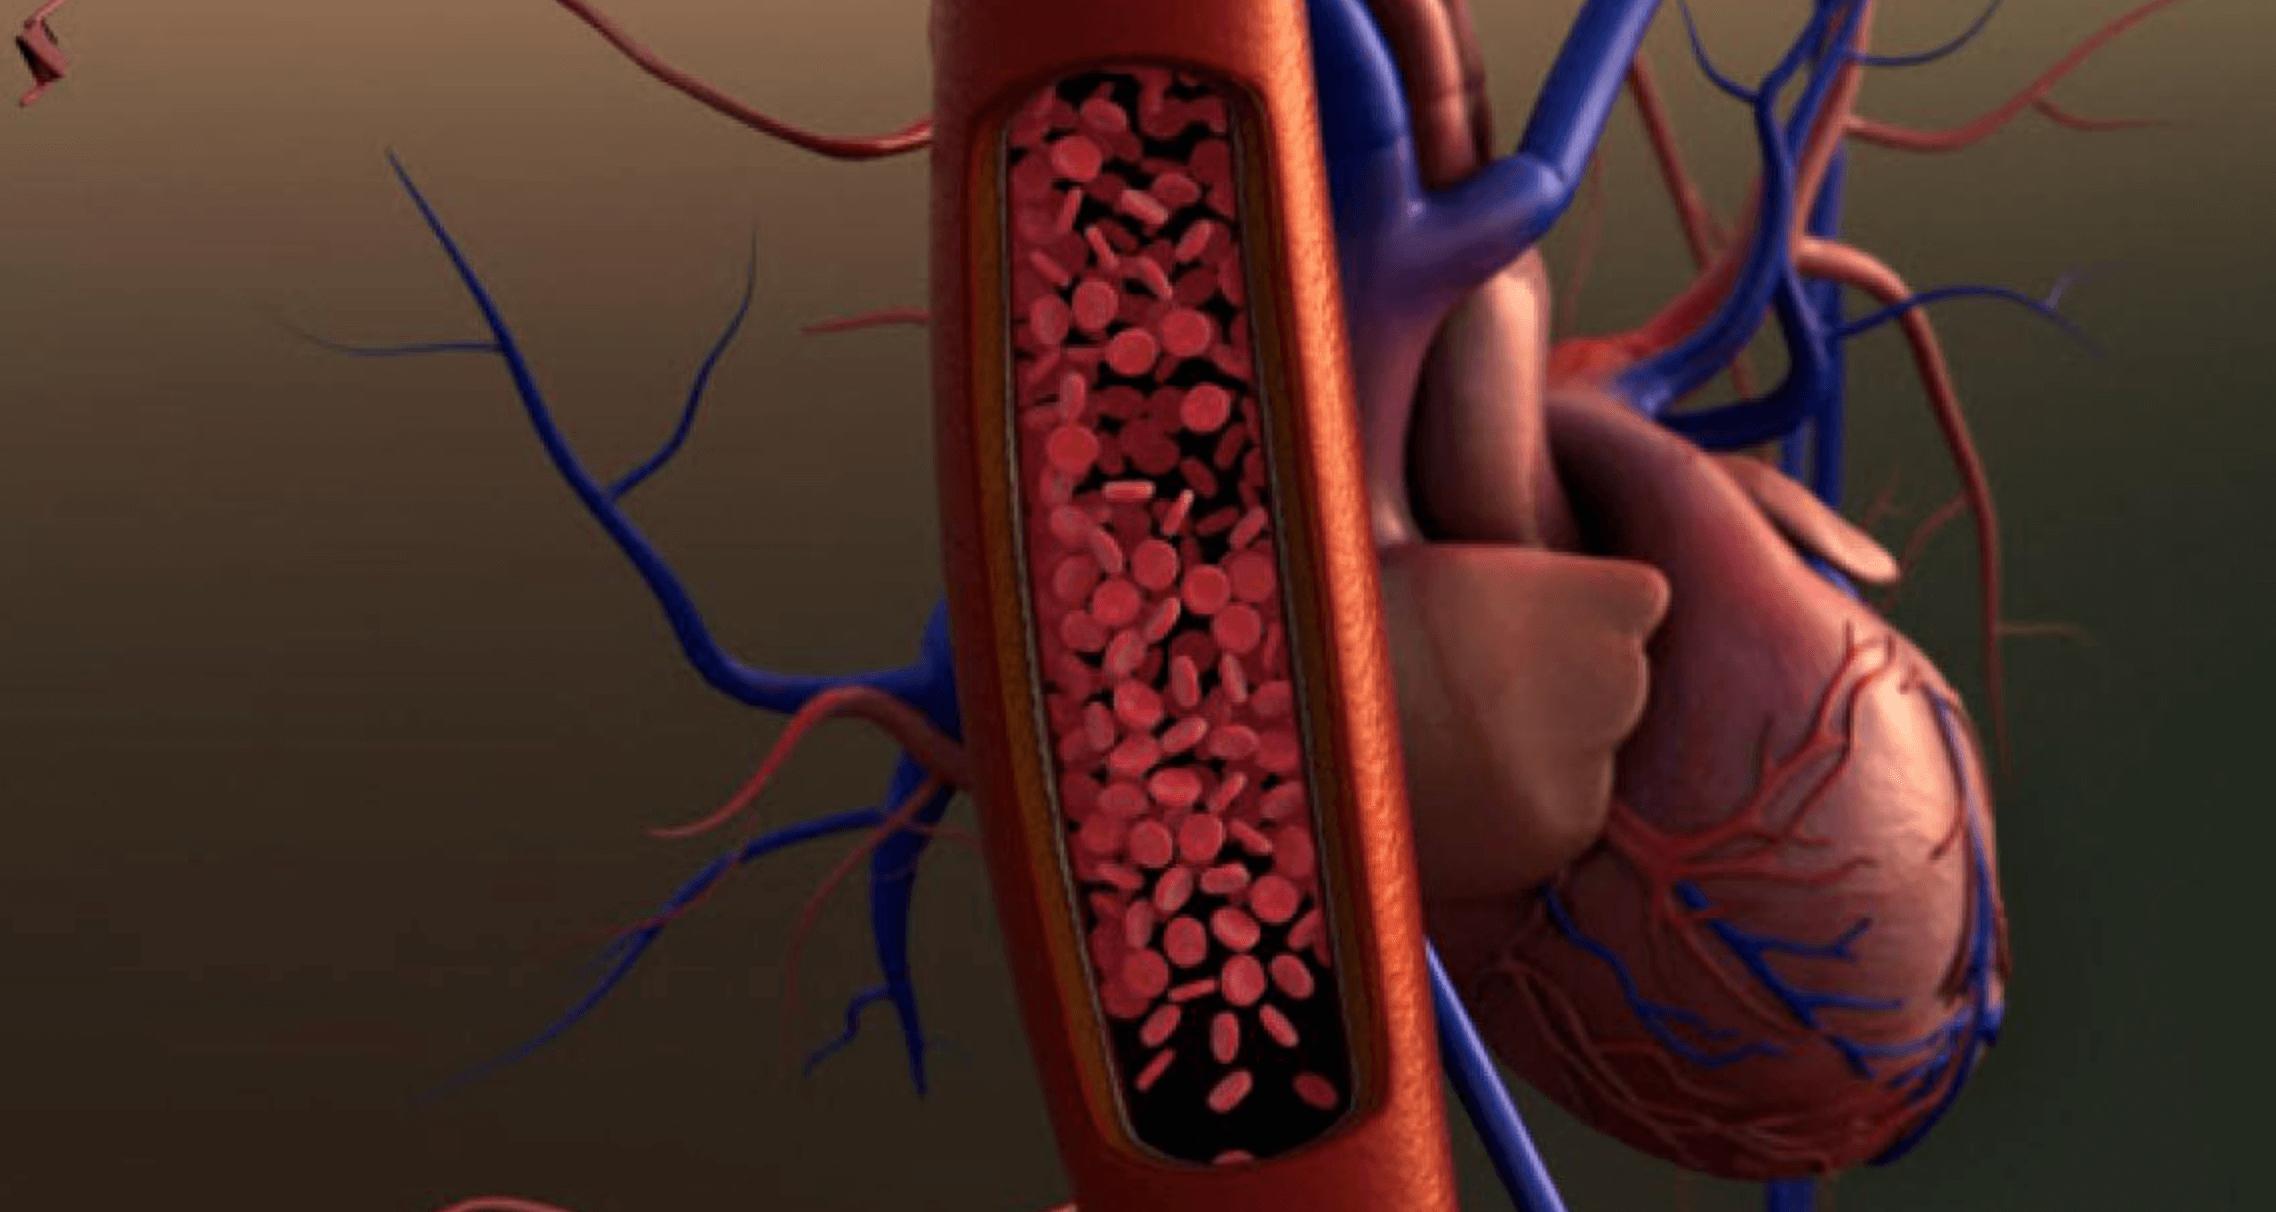 심장-혈액순환-개선